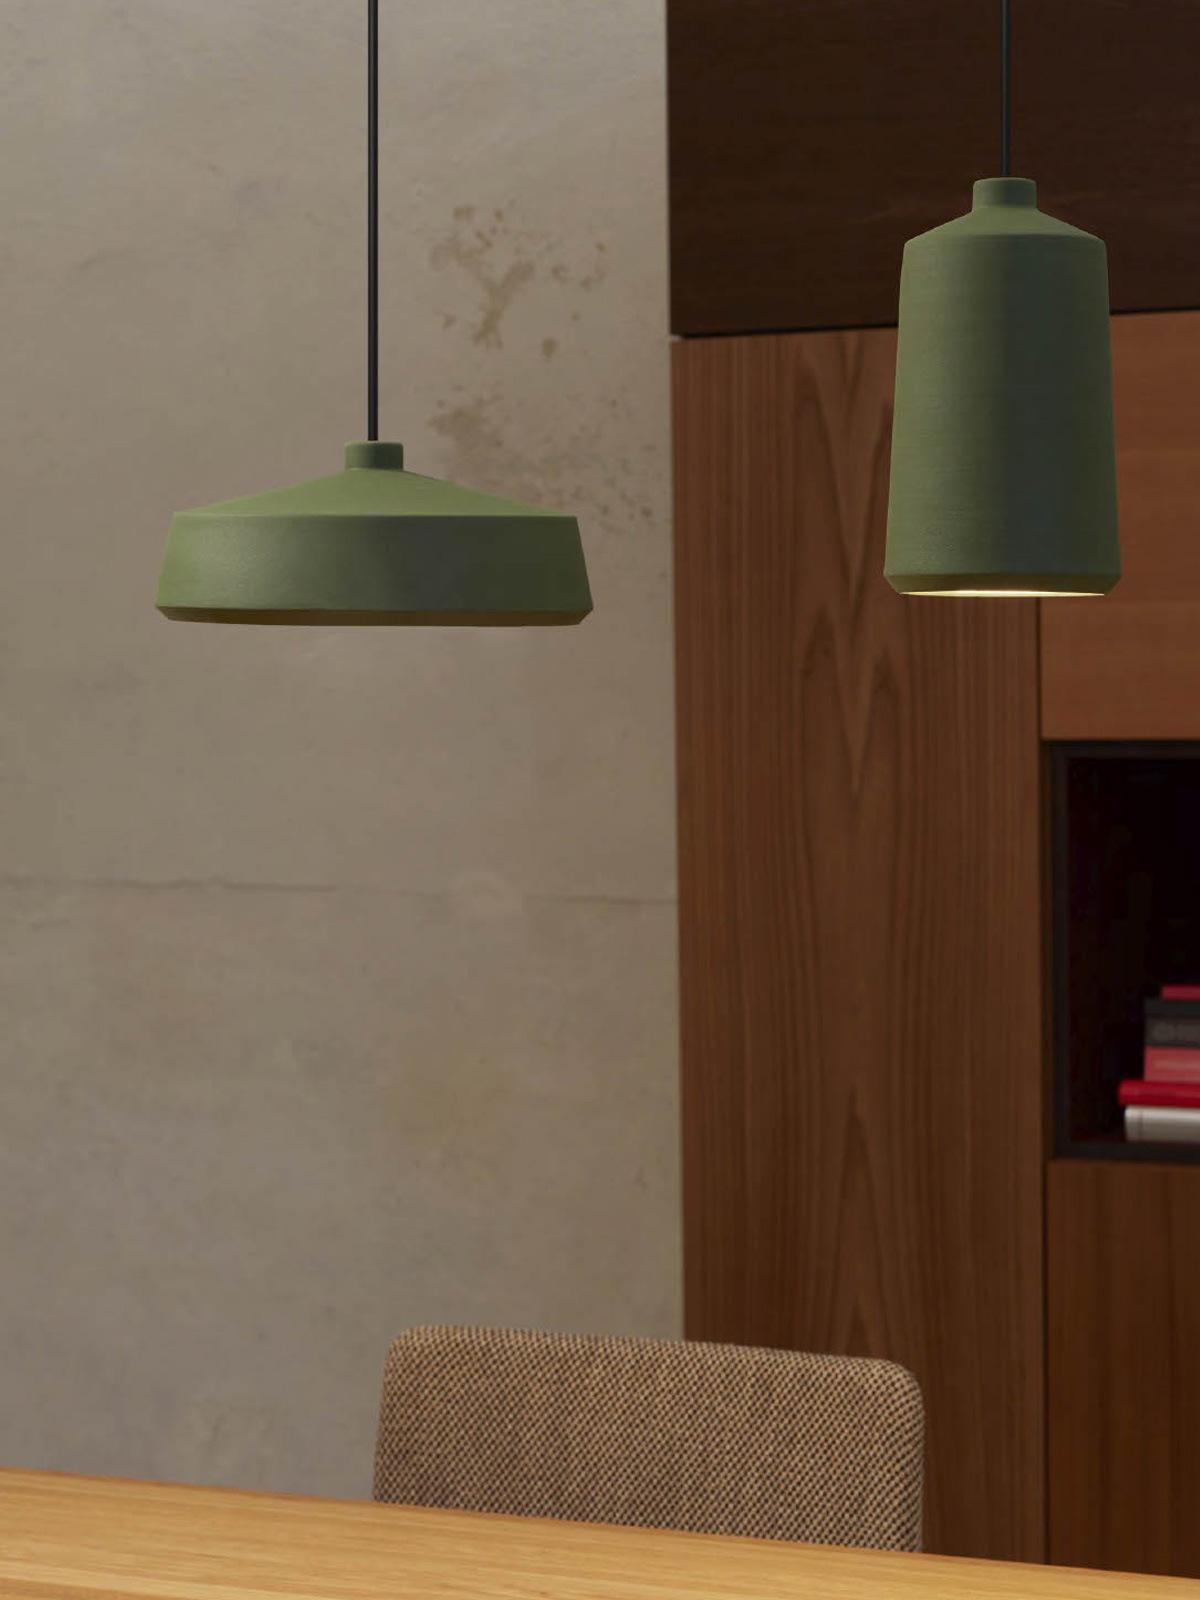 Keramikleuchten Pott Designort Lampen